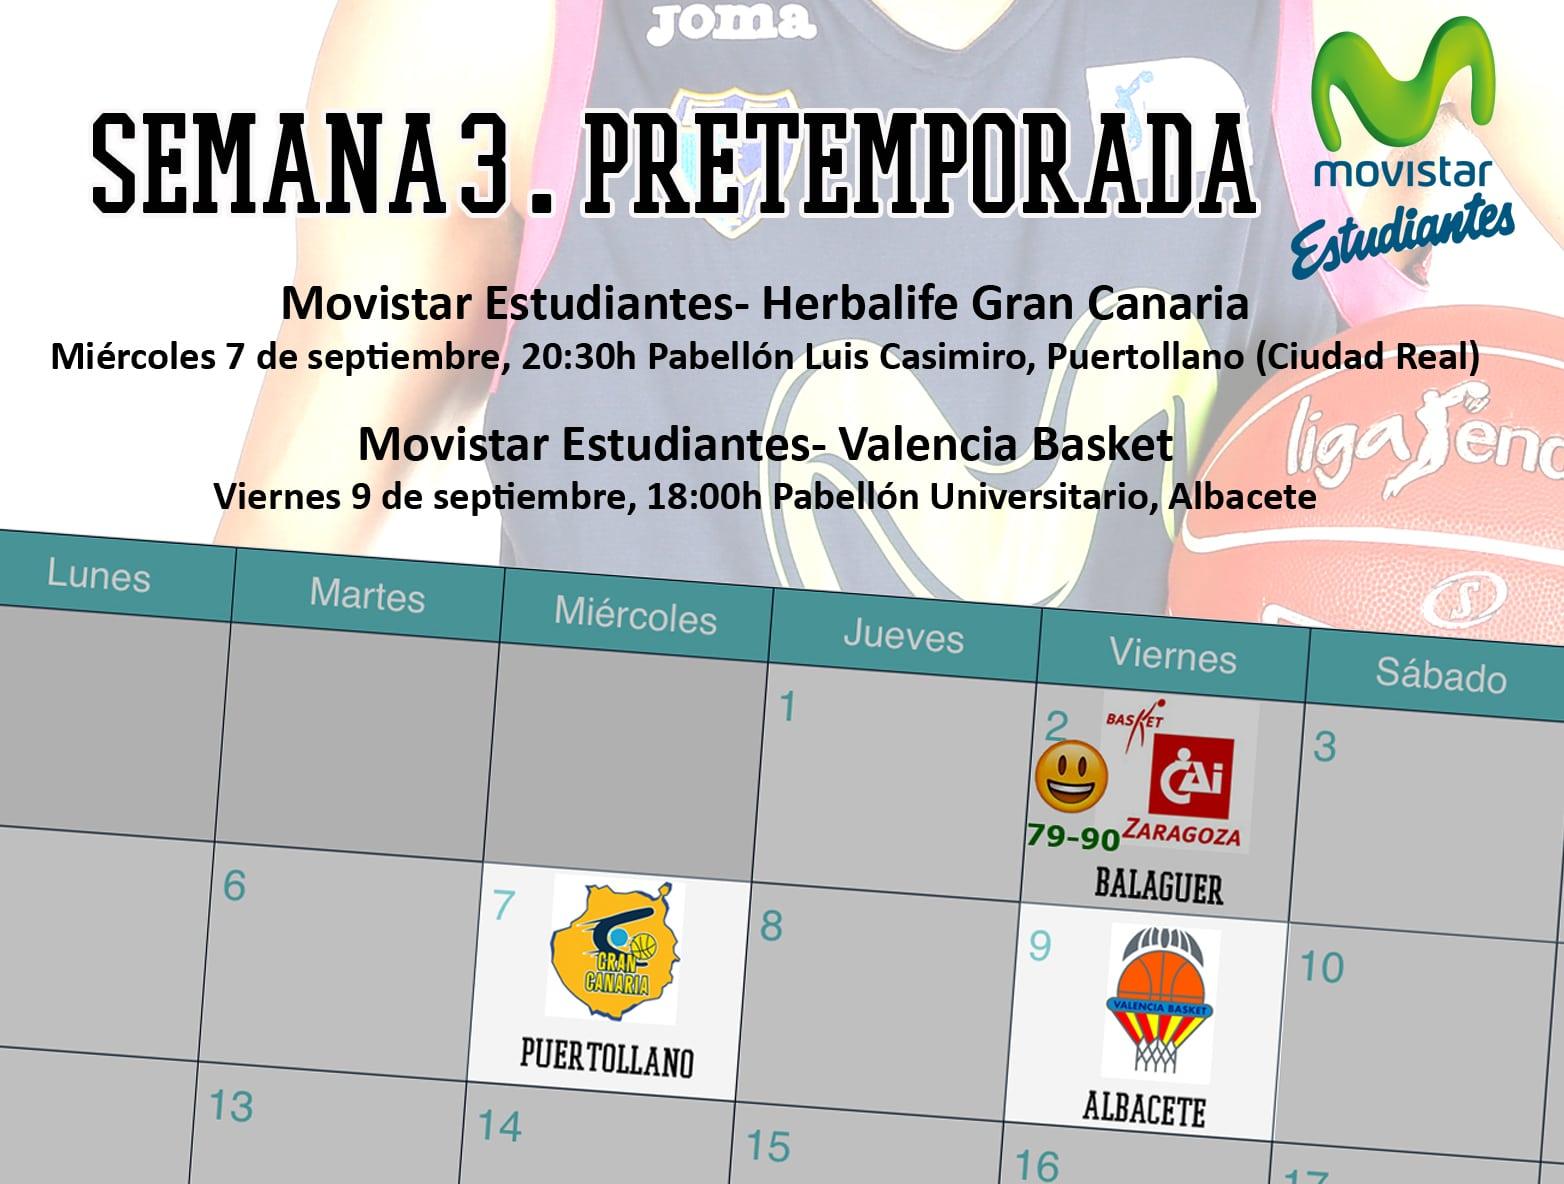 Semana con dos partidos en Castilla La Mancha: miércoles en Puertollano contra Granca, viernes en Albacete frente a Valencia